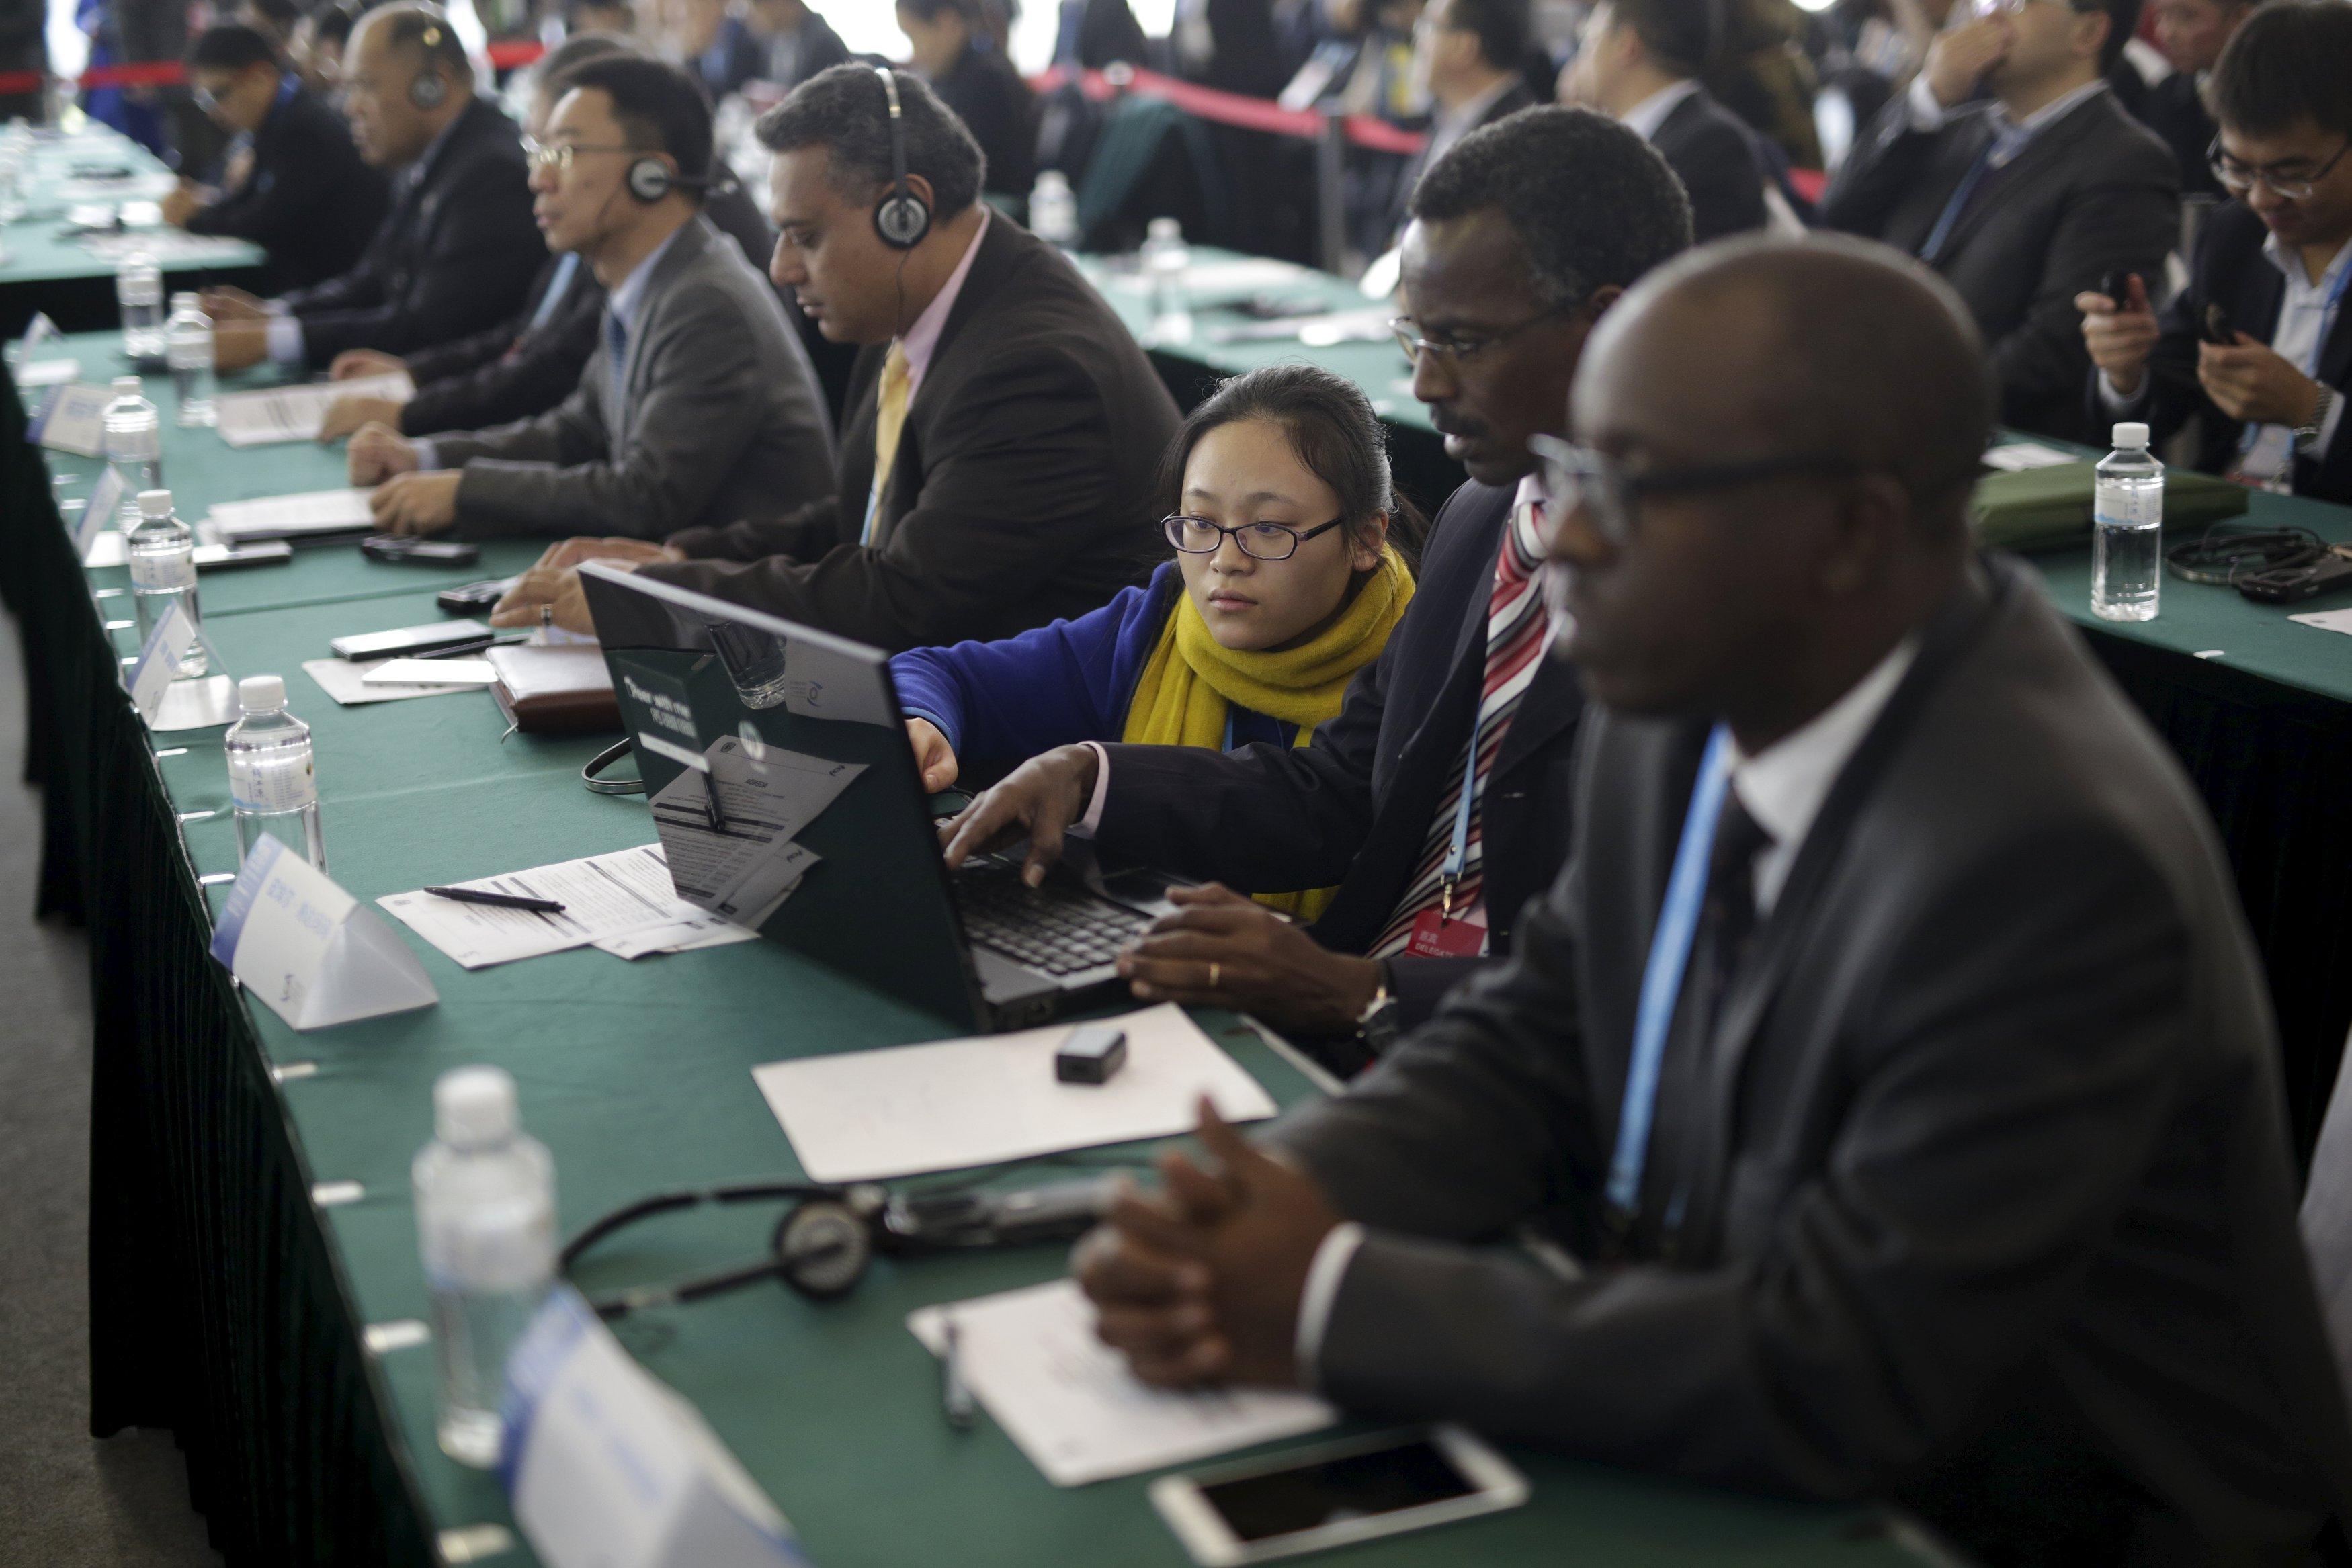 参加世界互联网大会的主要国家中,只有8个互联网水平高于全球均值